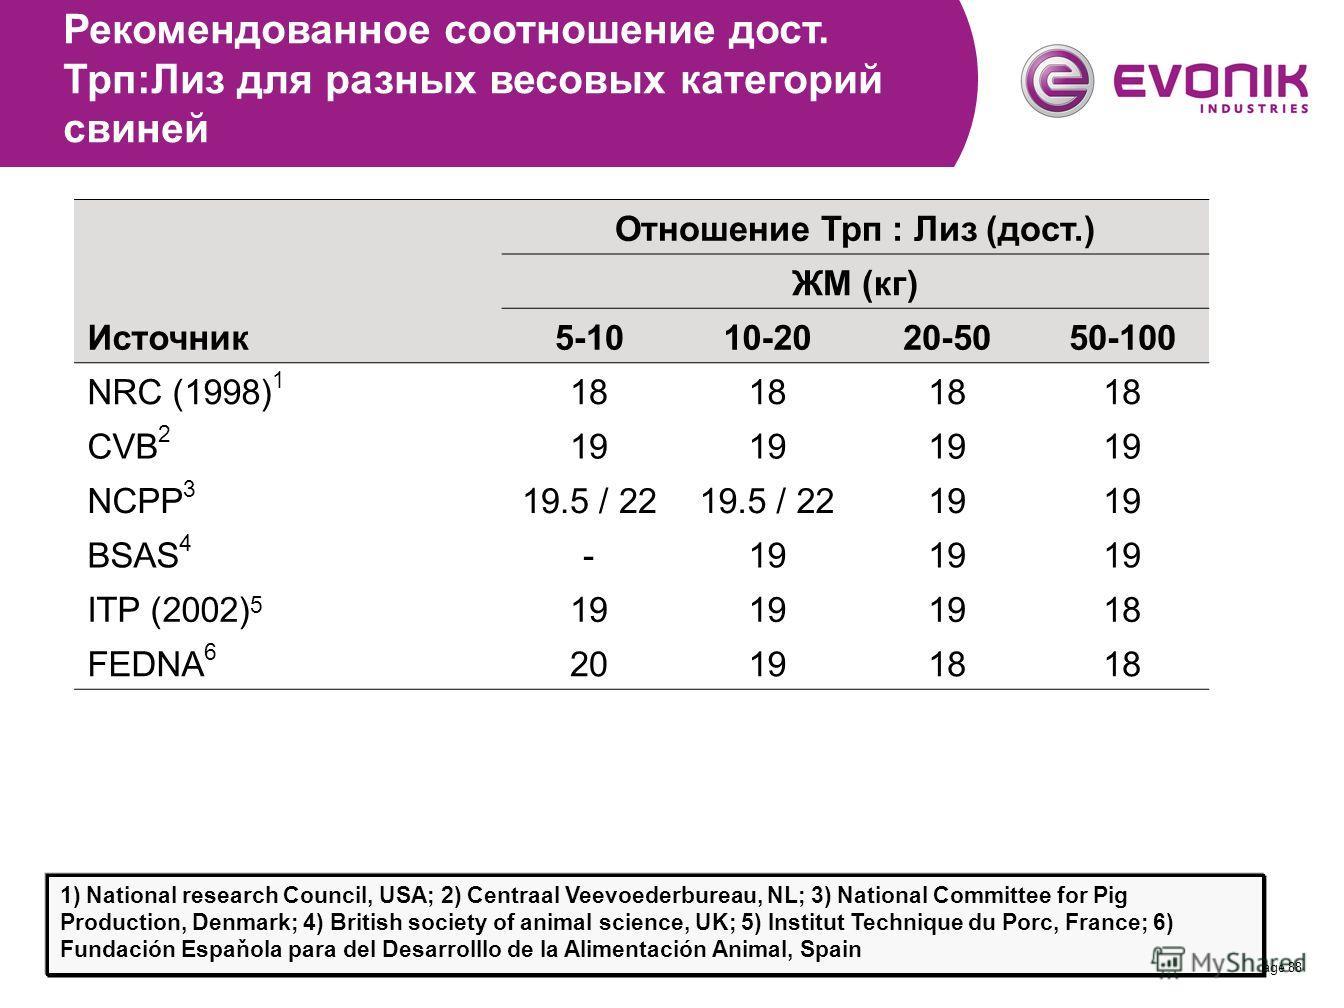 Page 88 Отношение Трп : Лиз (дост.) ЖМ (кг) Источник5-1010-2020-5050-100 NRC (1998) 1 18 CVB 2 19 NCPP 3 19.5 / 22 19 BSAS 4 -19 ITP (2002) 5 19 18 FEDNA 6 201918 Рекомендованное соотношение дост. Трп:Лиз для разных весовых категорий свиней 1) Nation